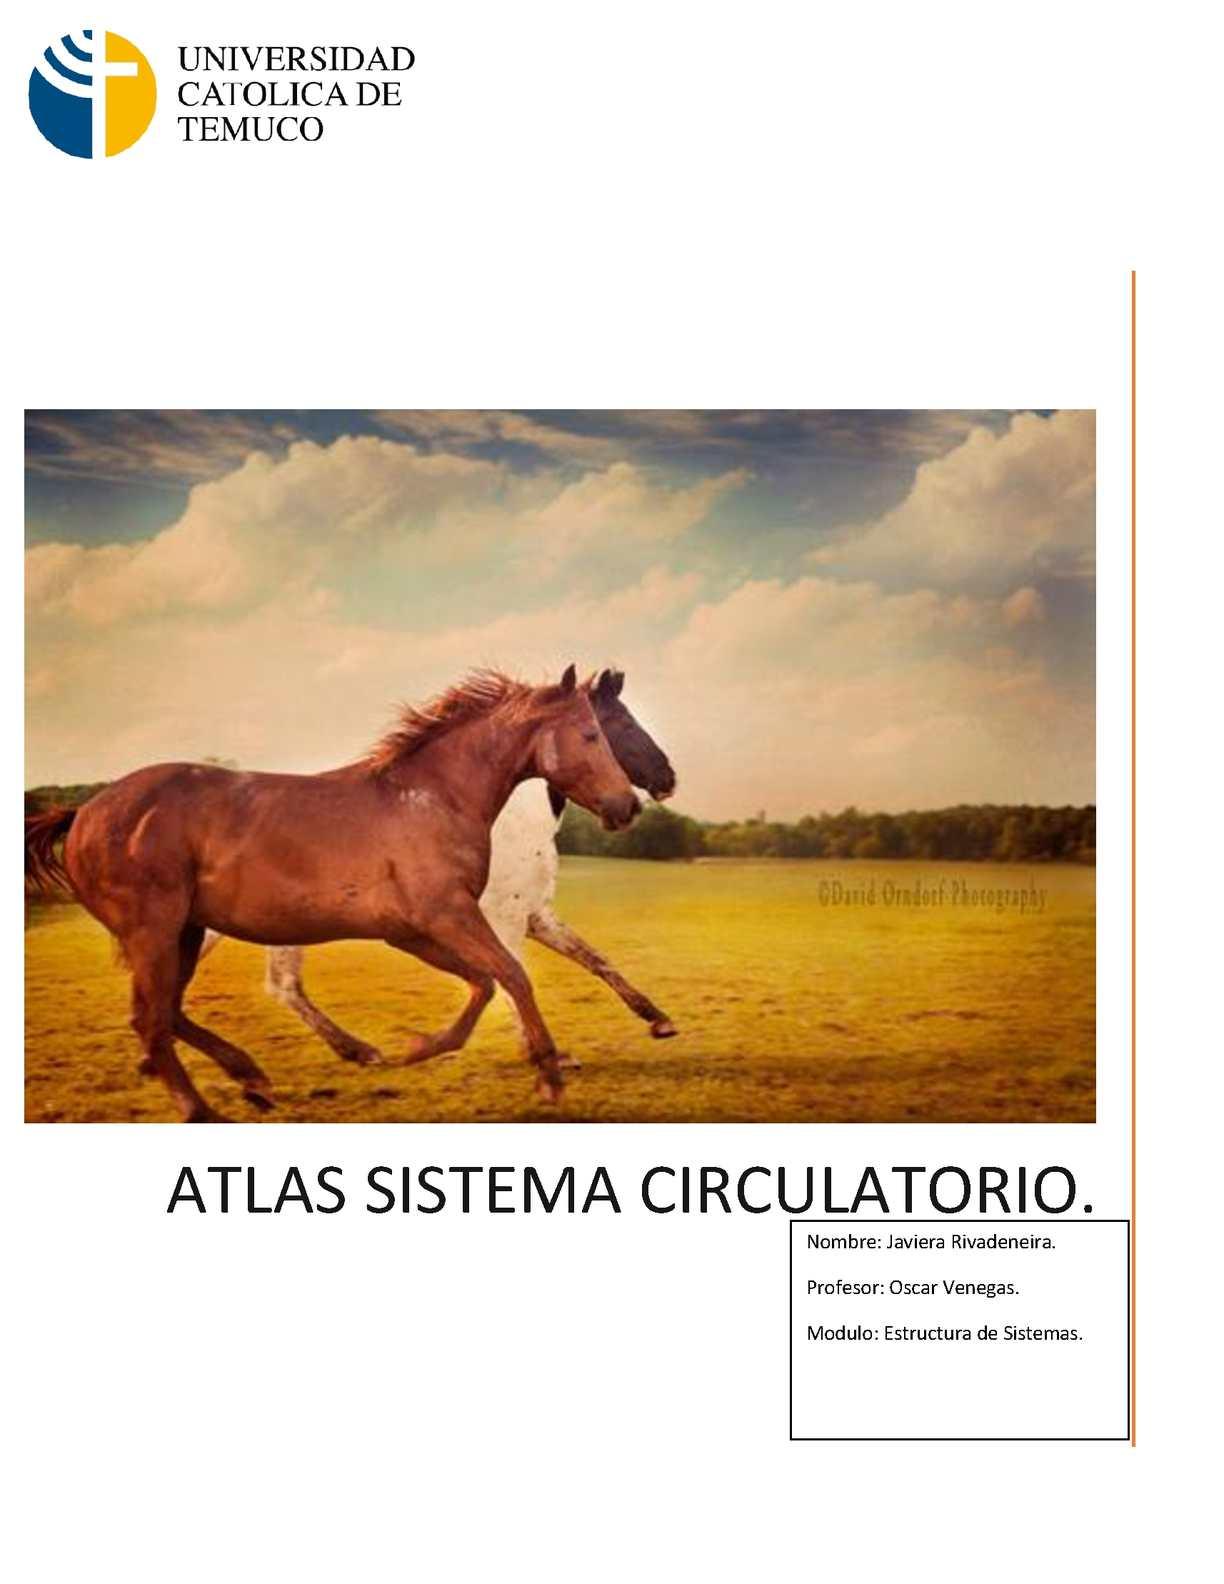 Calaméo - Atlas Sistema Circulatorio Equino & Bovino.